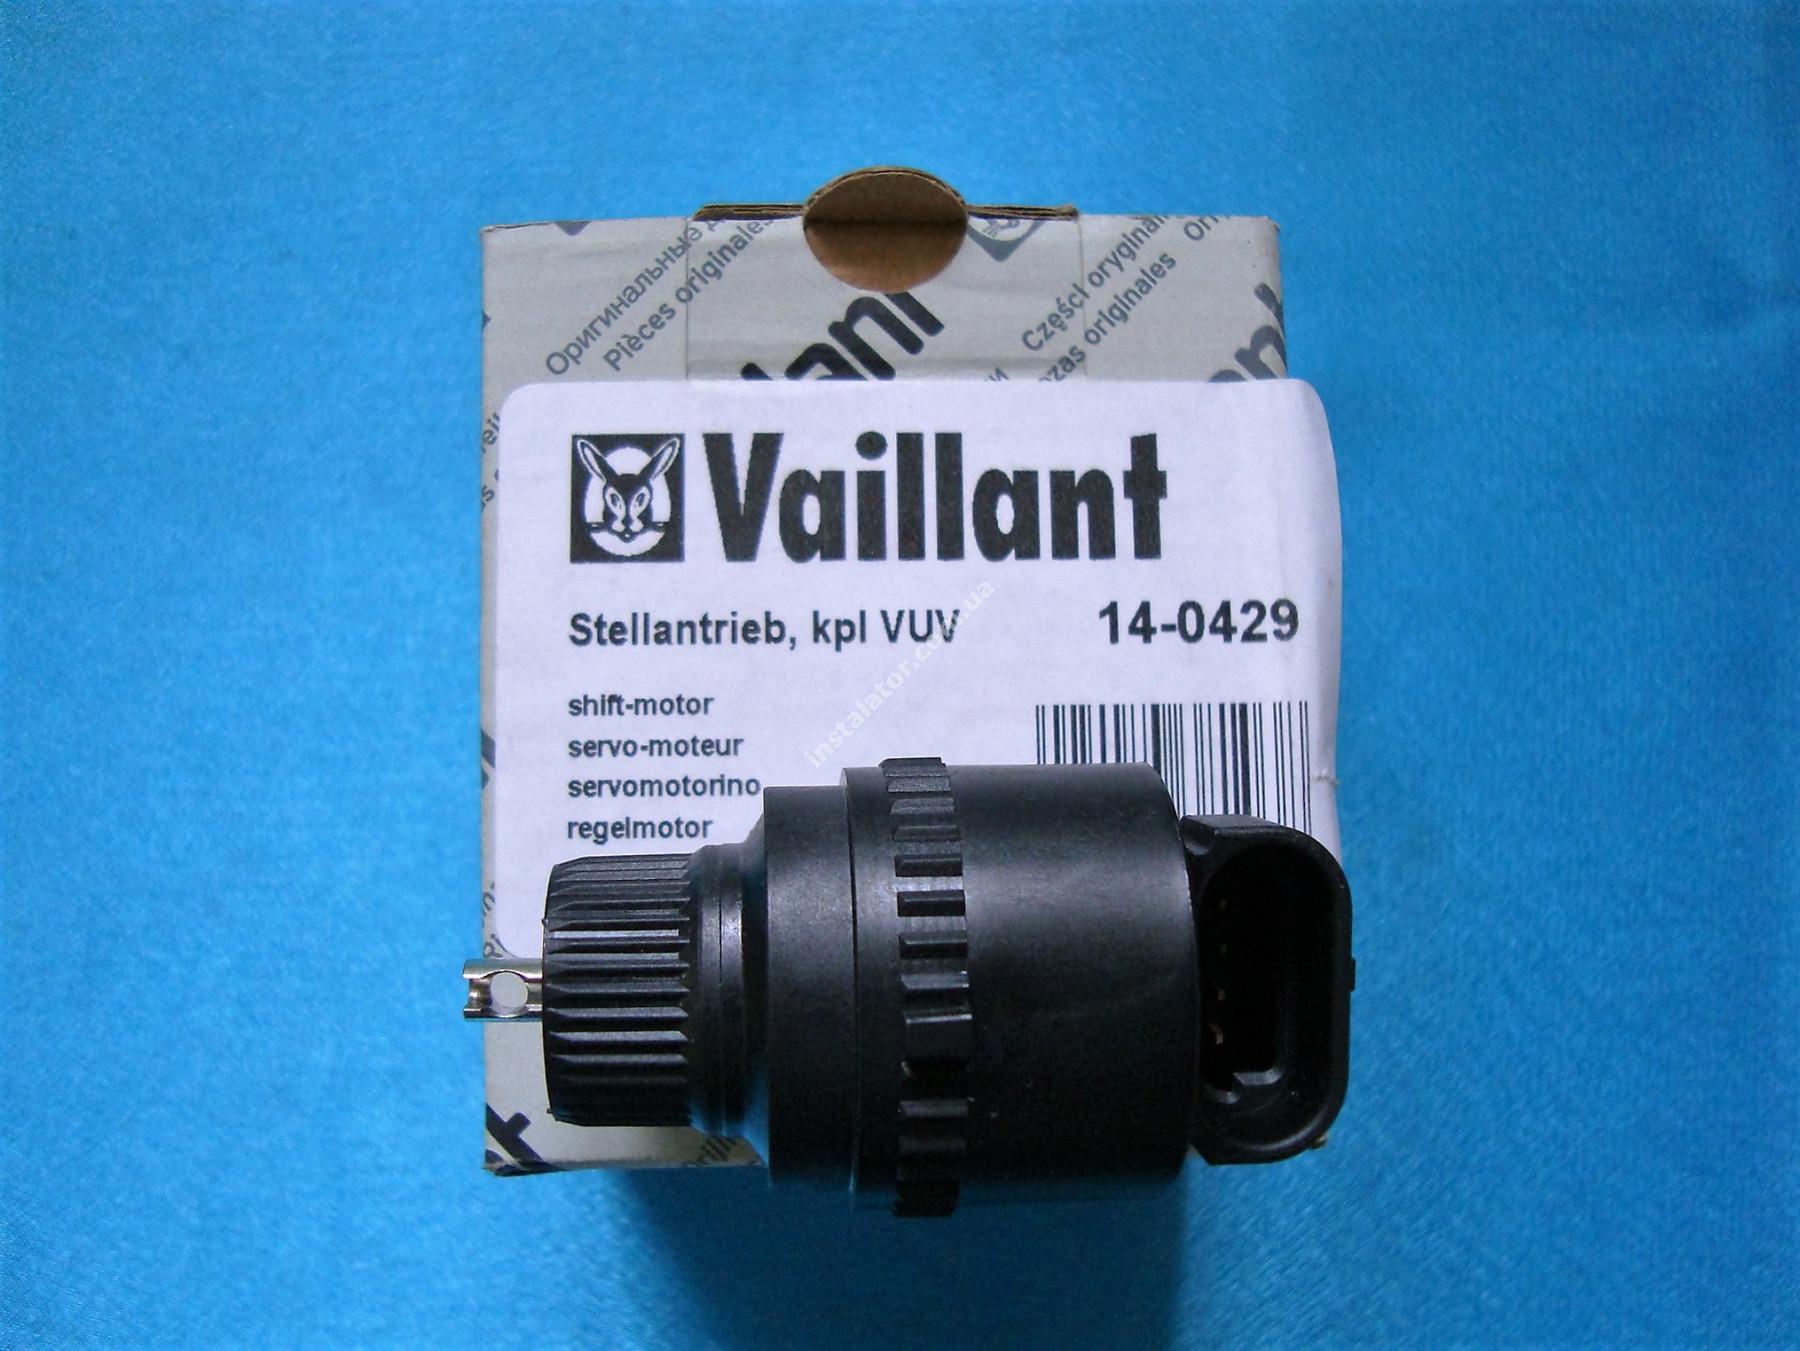 140429 Привід (сервопривід) 3-х ходового клапана VAILLANT TURBOmax, ATMOmax Pro\Plus full-image-1